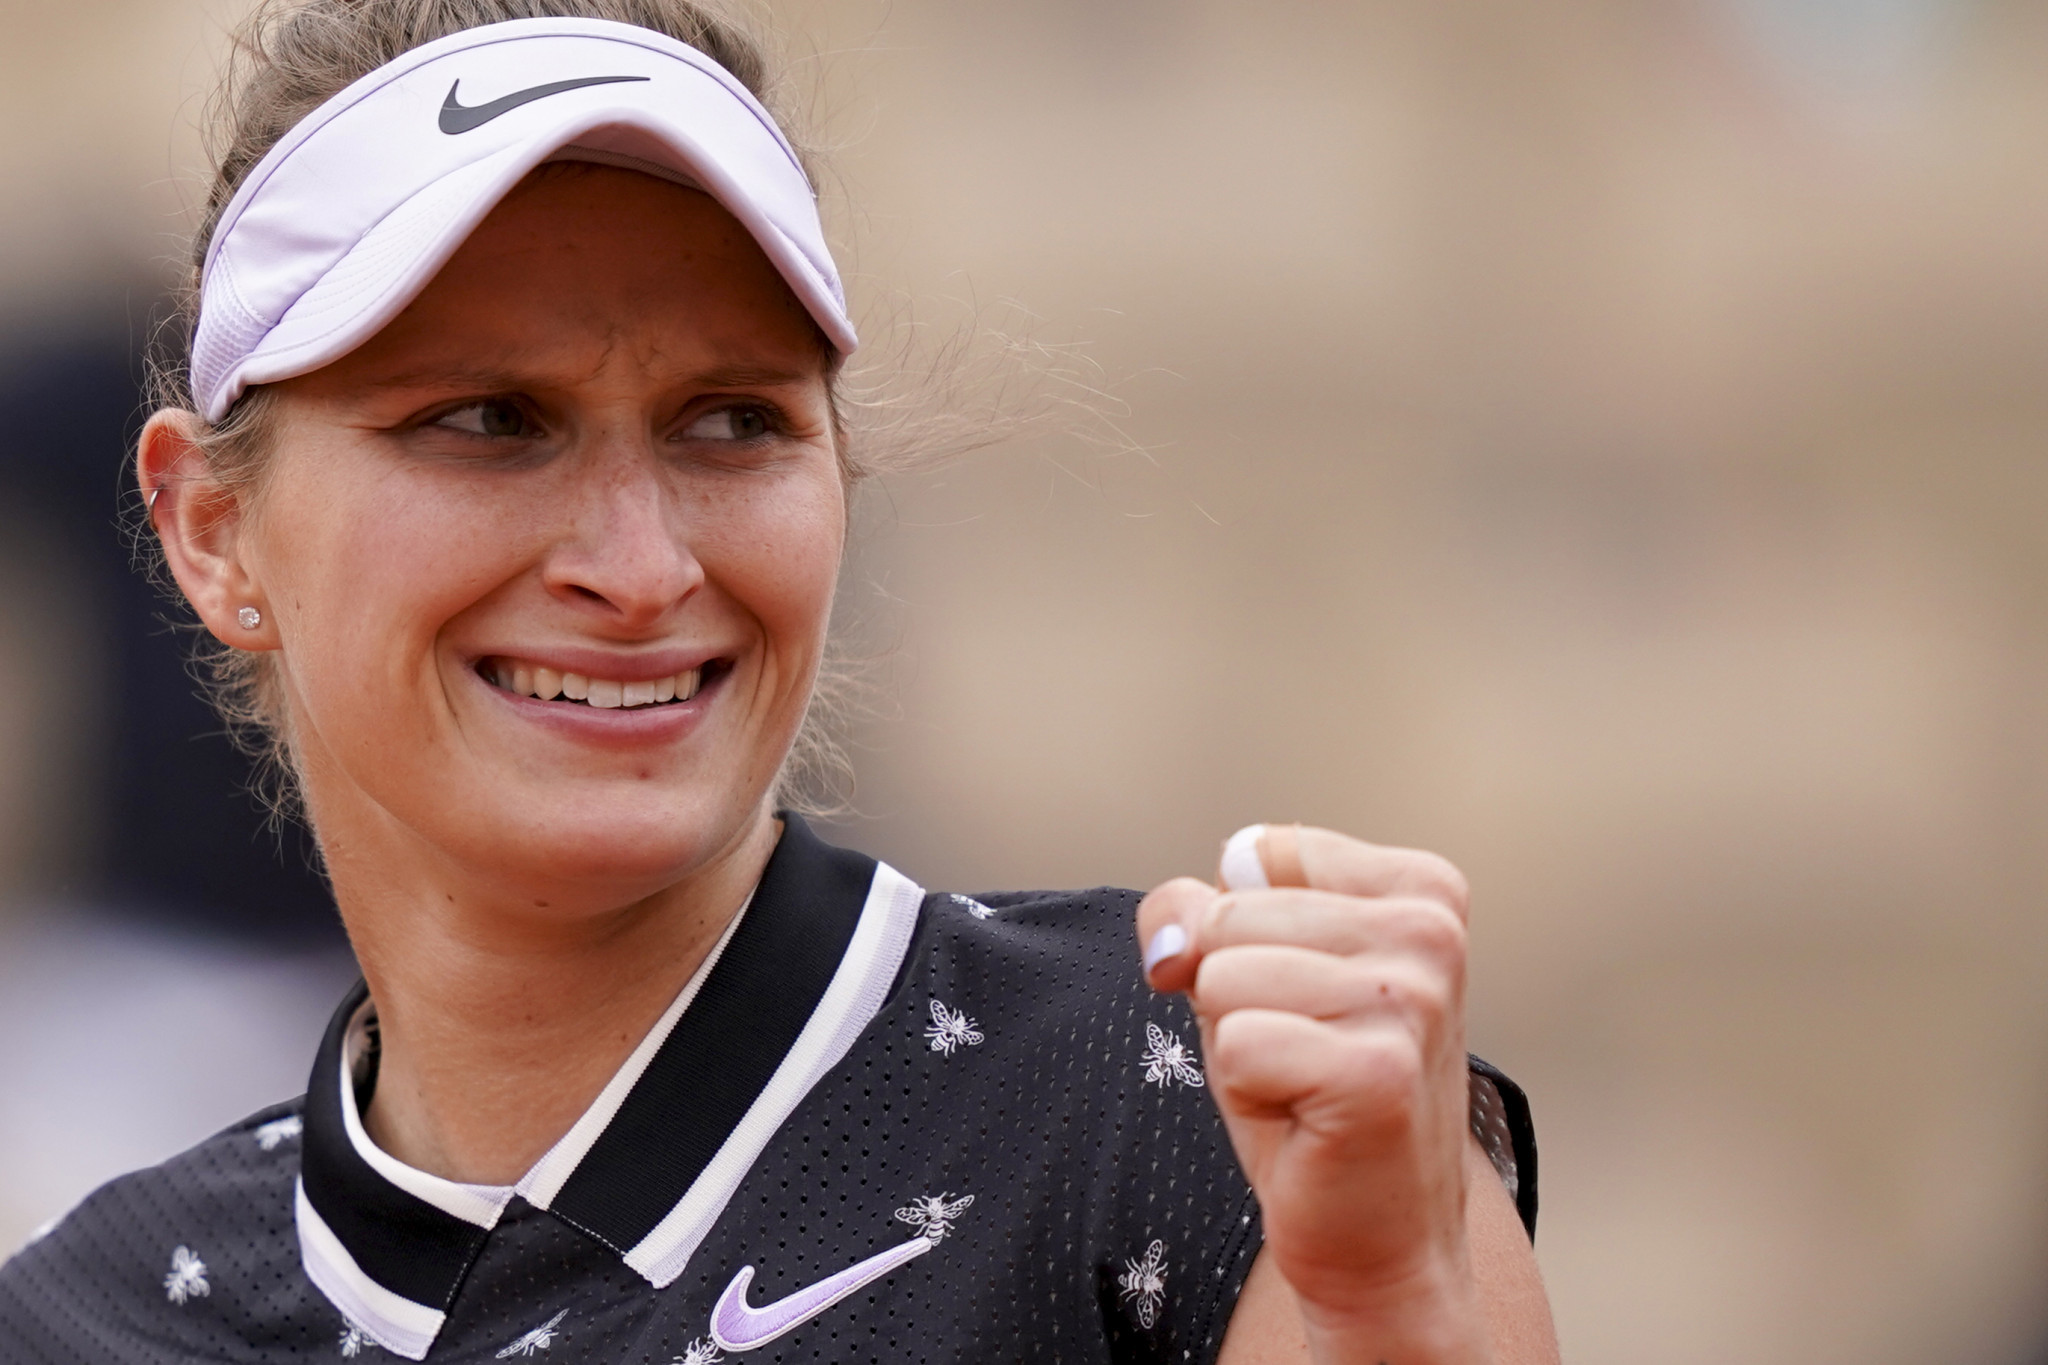 Markéta Vondroušová pumps her fist after reaching her first Grand Slam final ©Getty Images